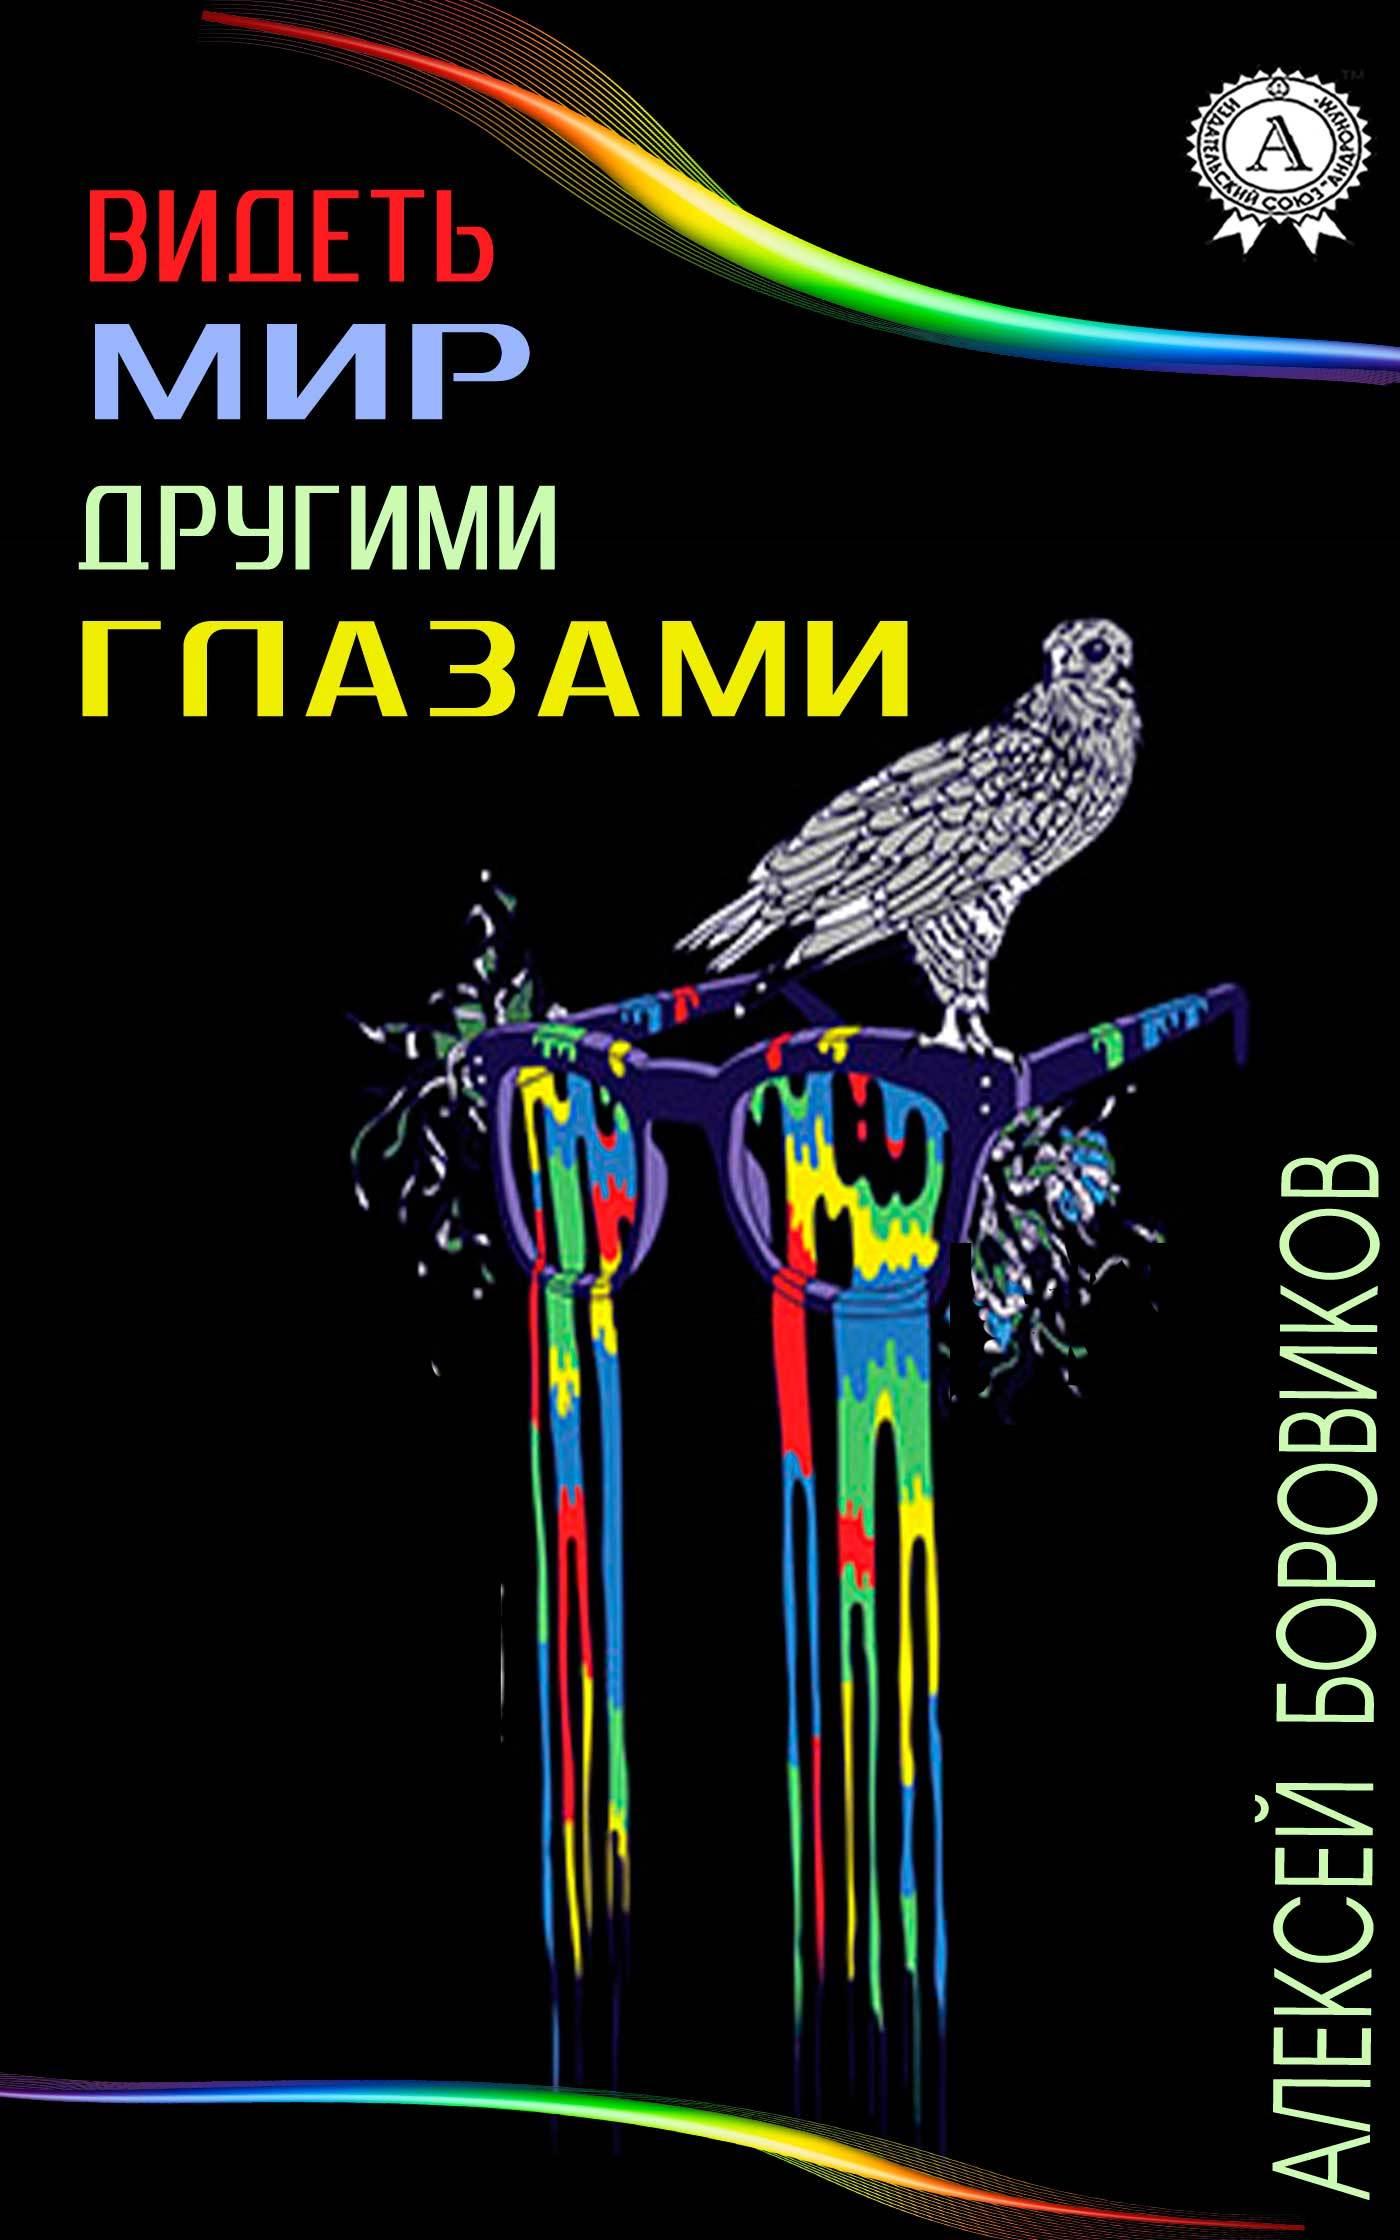 Алексей Боровиков Видеть мир другими глазами ISBN: 978-1-387-72098-9 алексей ларин глеб боровиков и